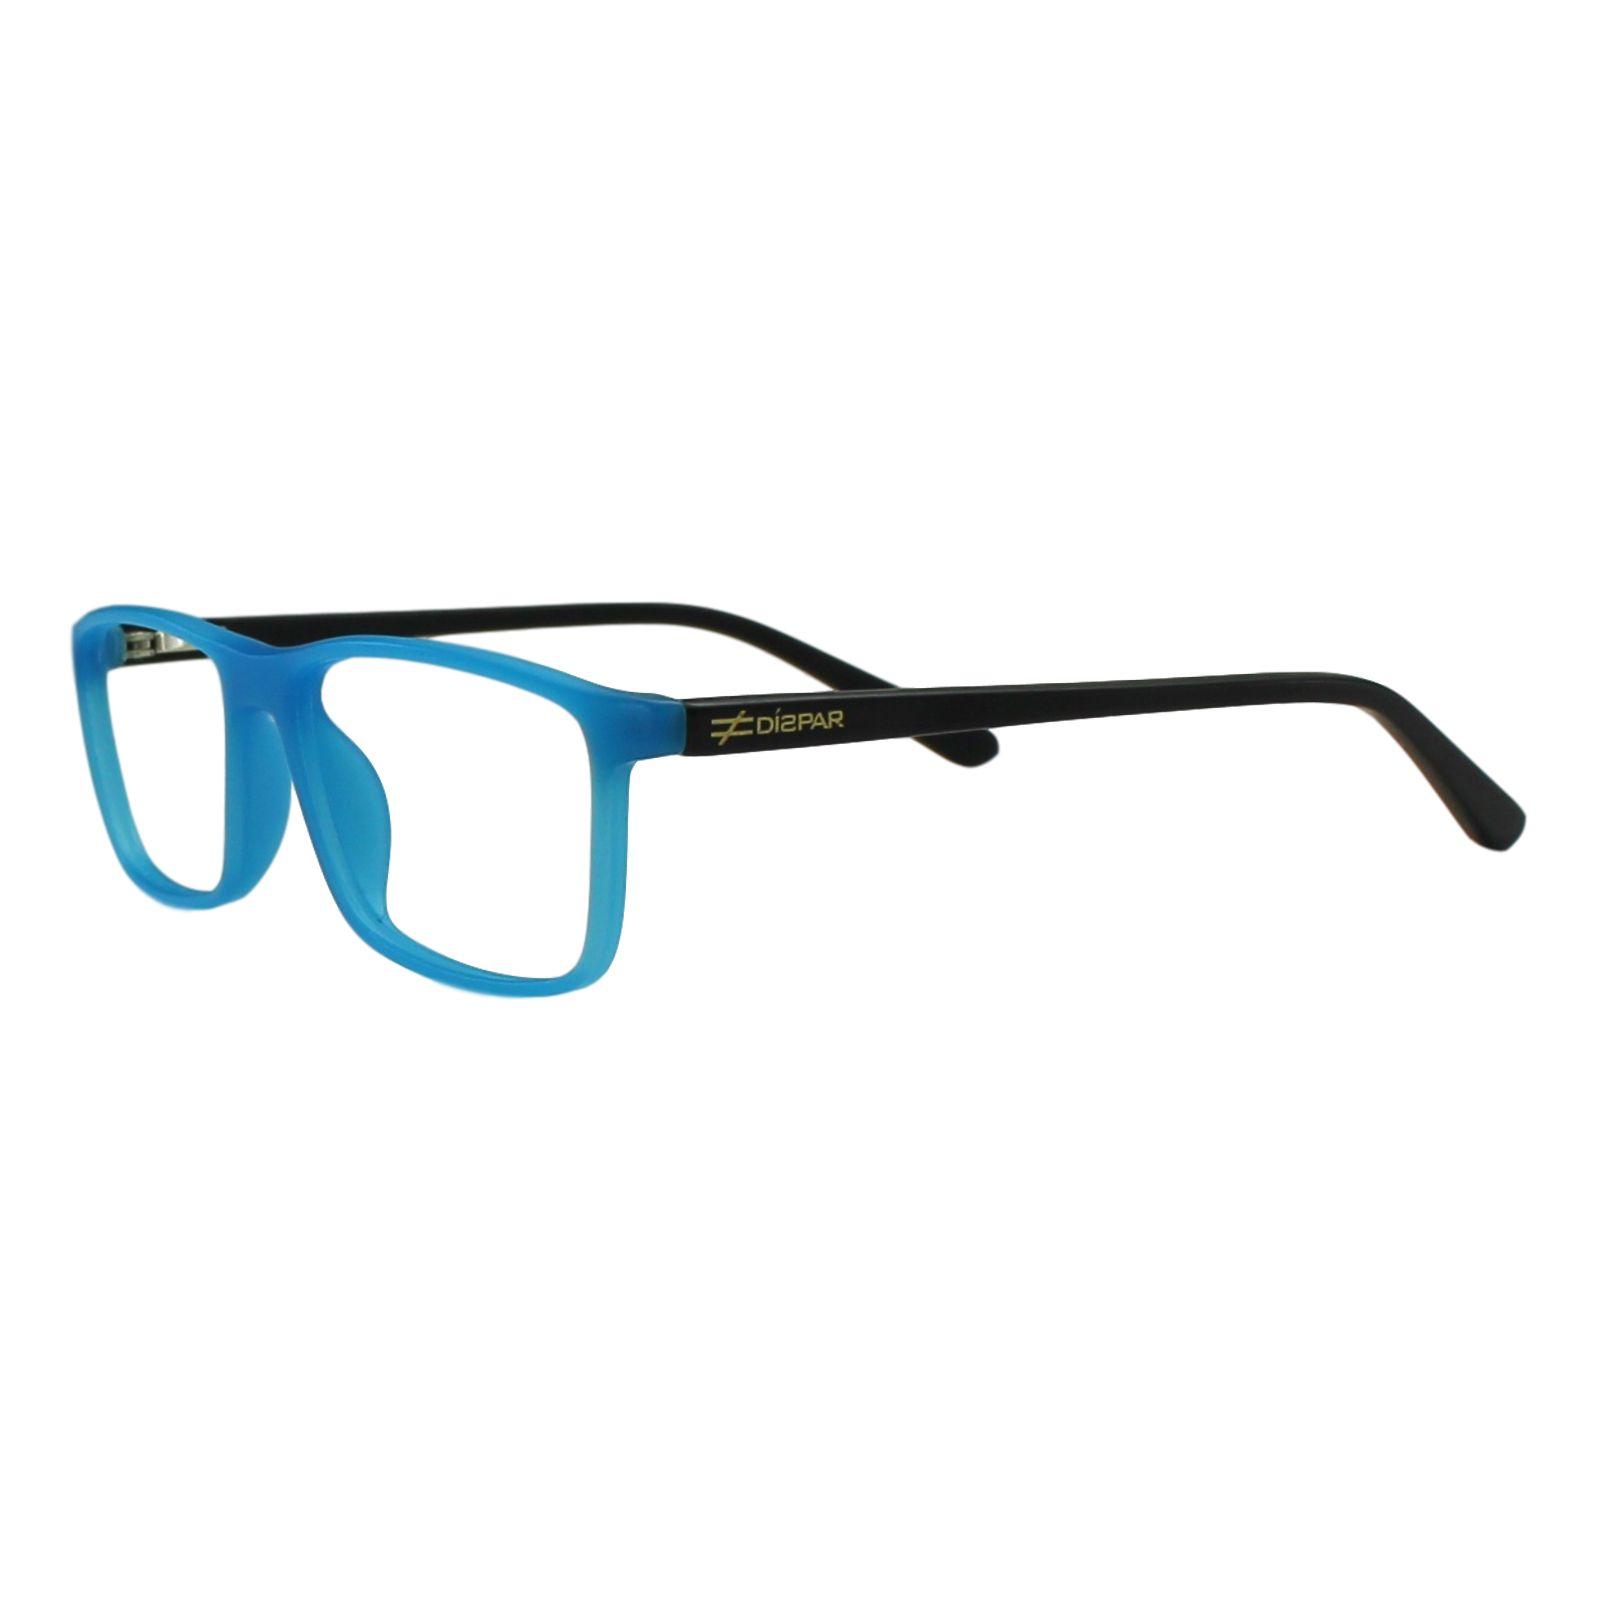 Encontre ofertas imperdíveis somente aqui na Óculos de sol, adultos ... 44a9a655bb